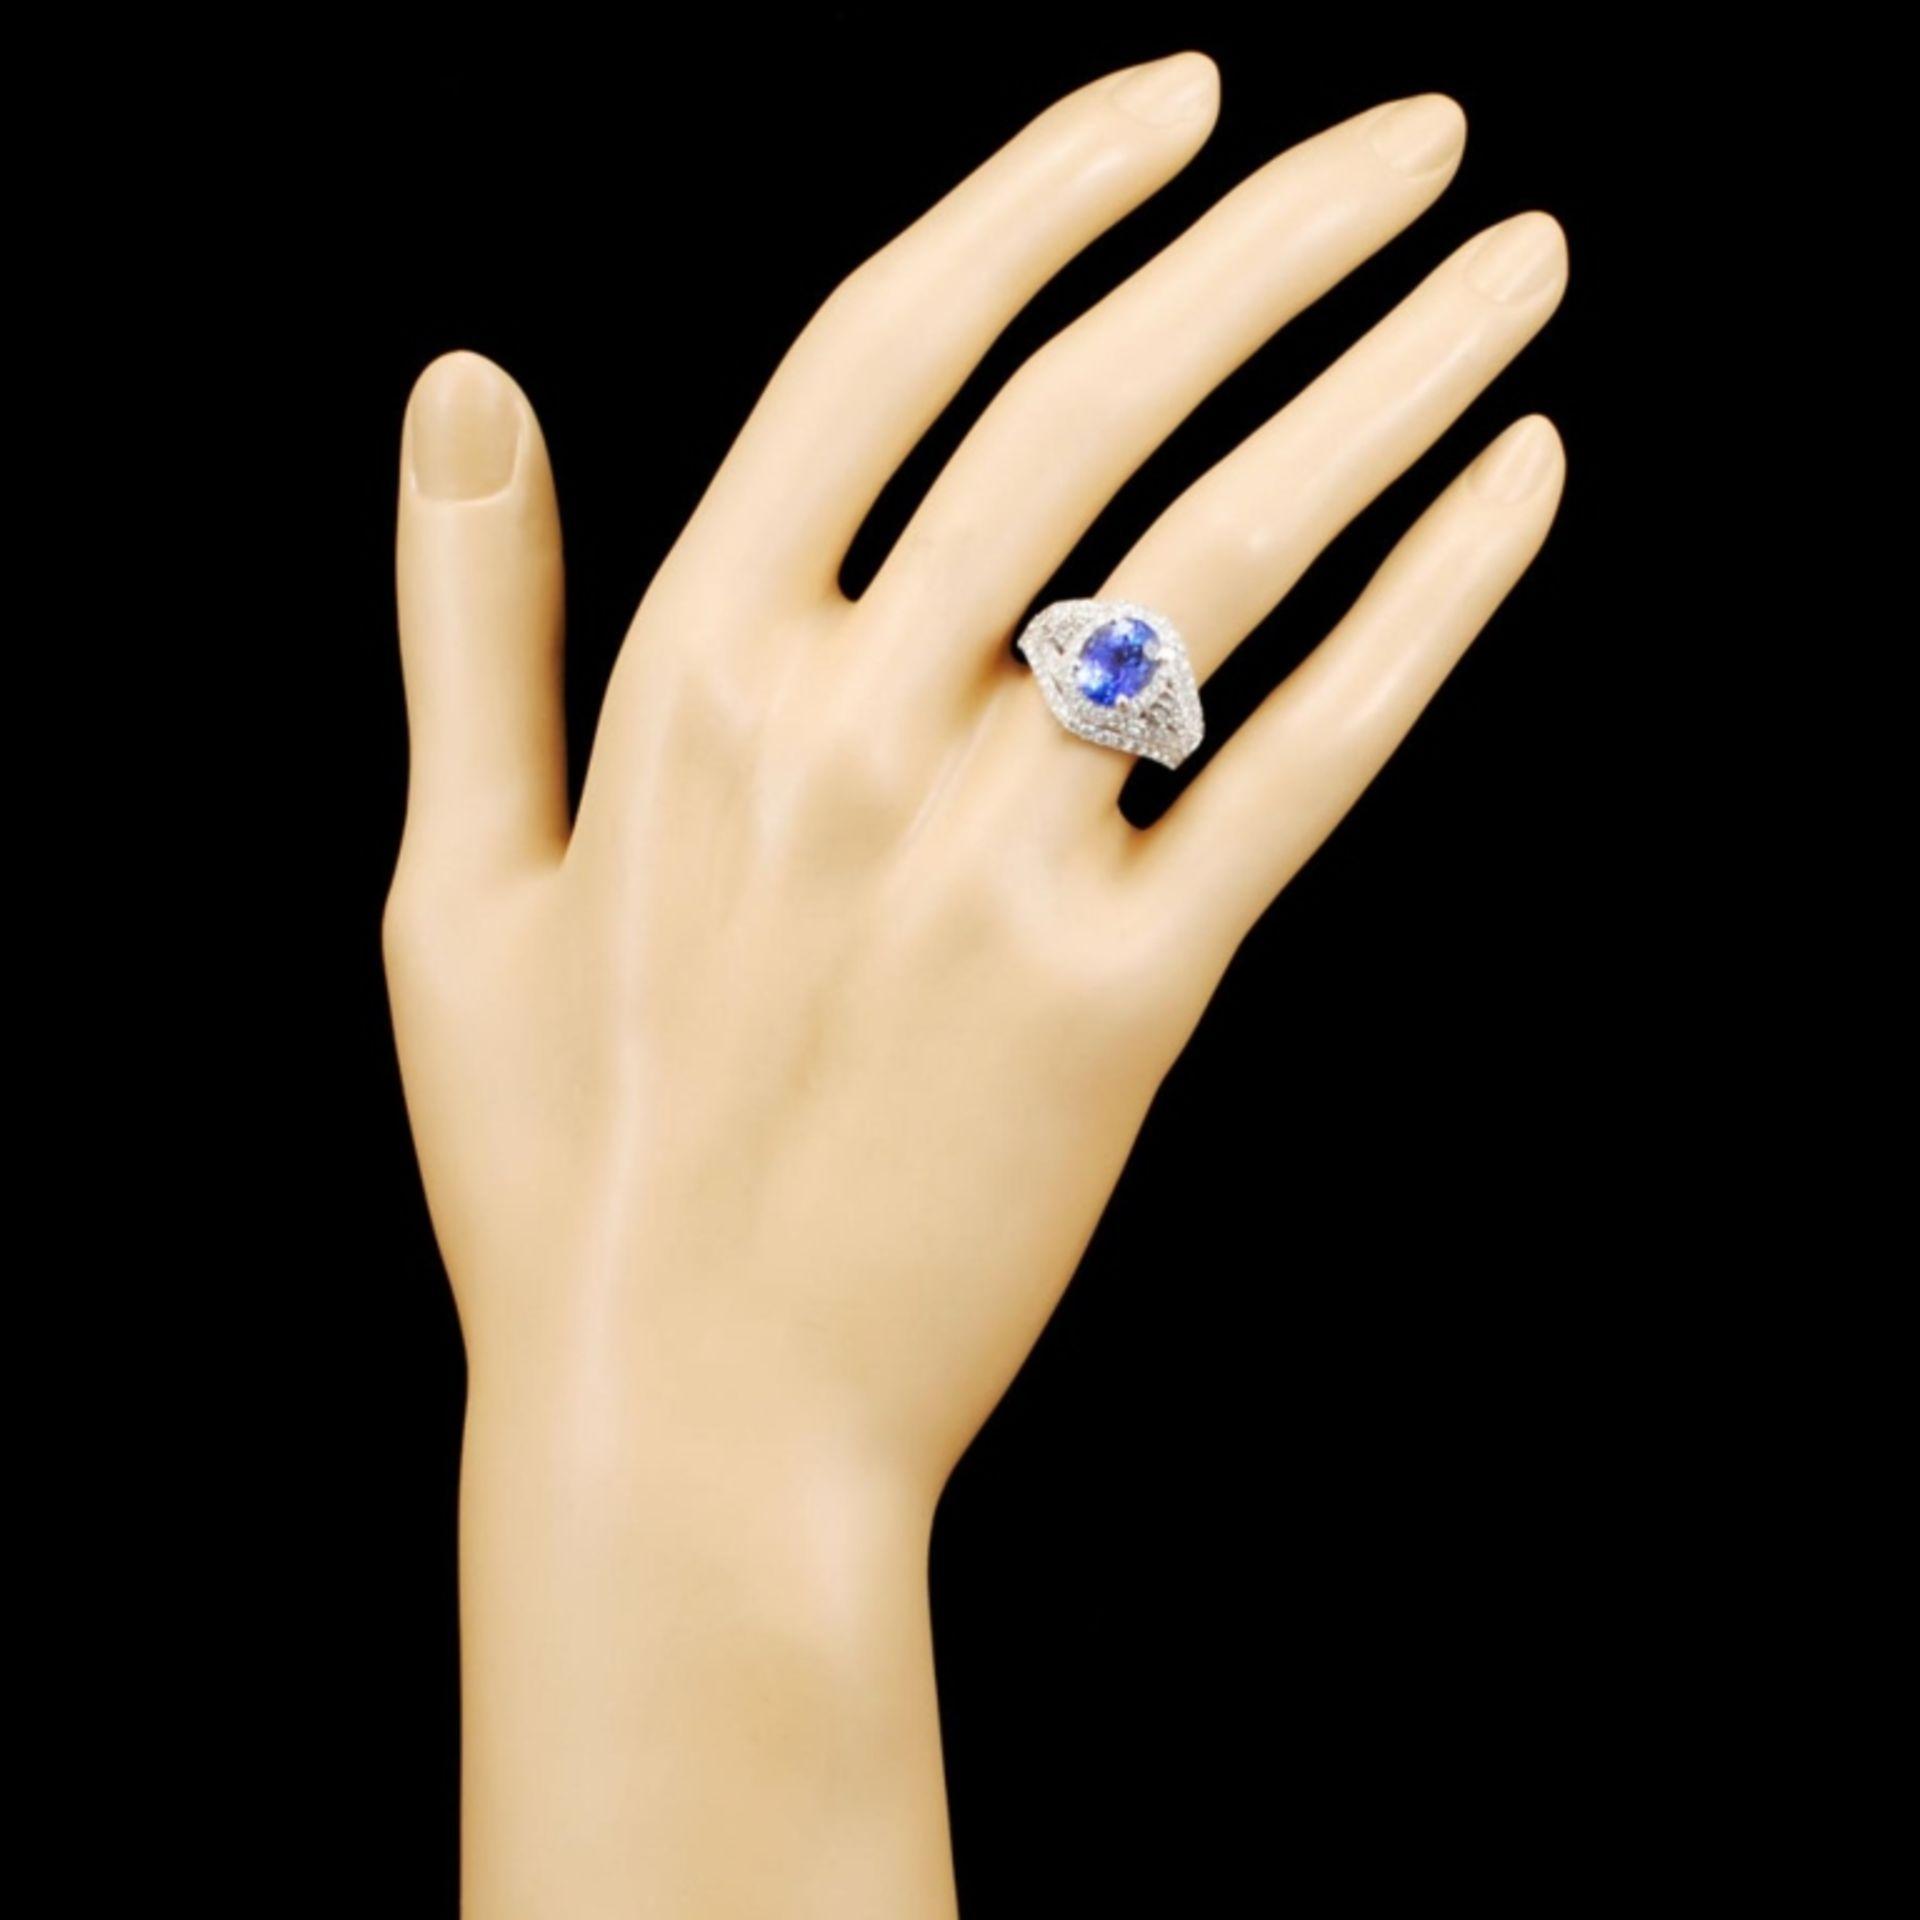 18K Gold 2.69ct Tanzanite & 1.65ctw Diamond Ring - Image 4 of 5